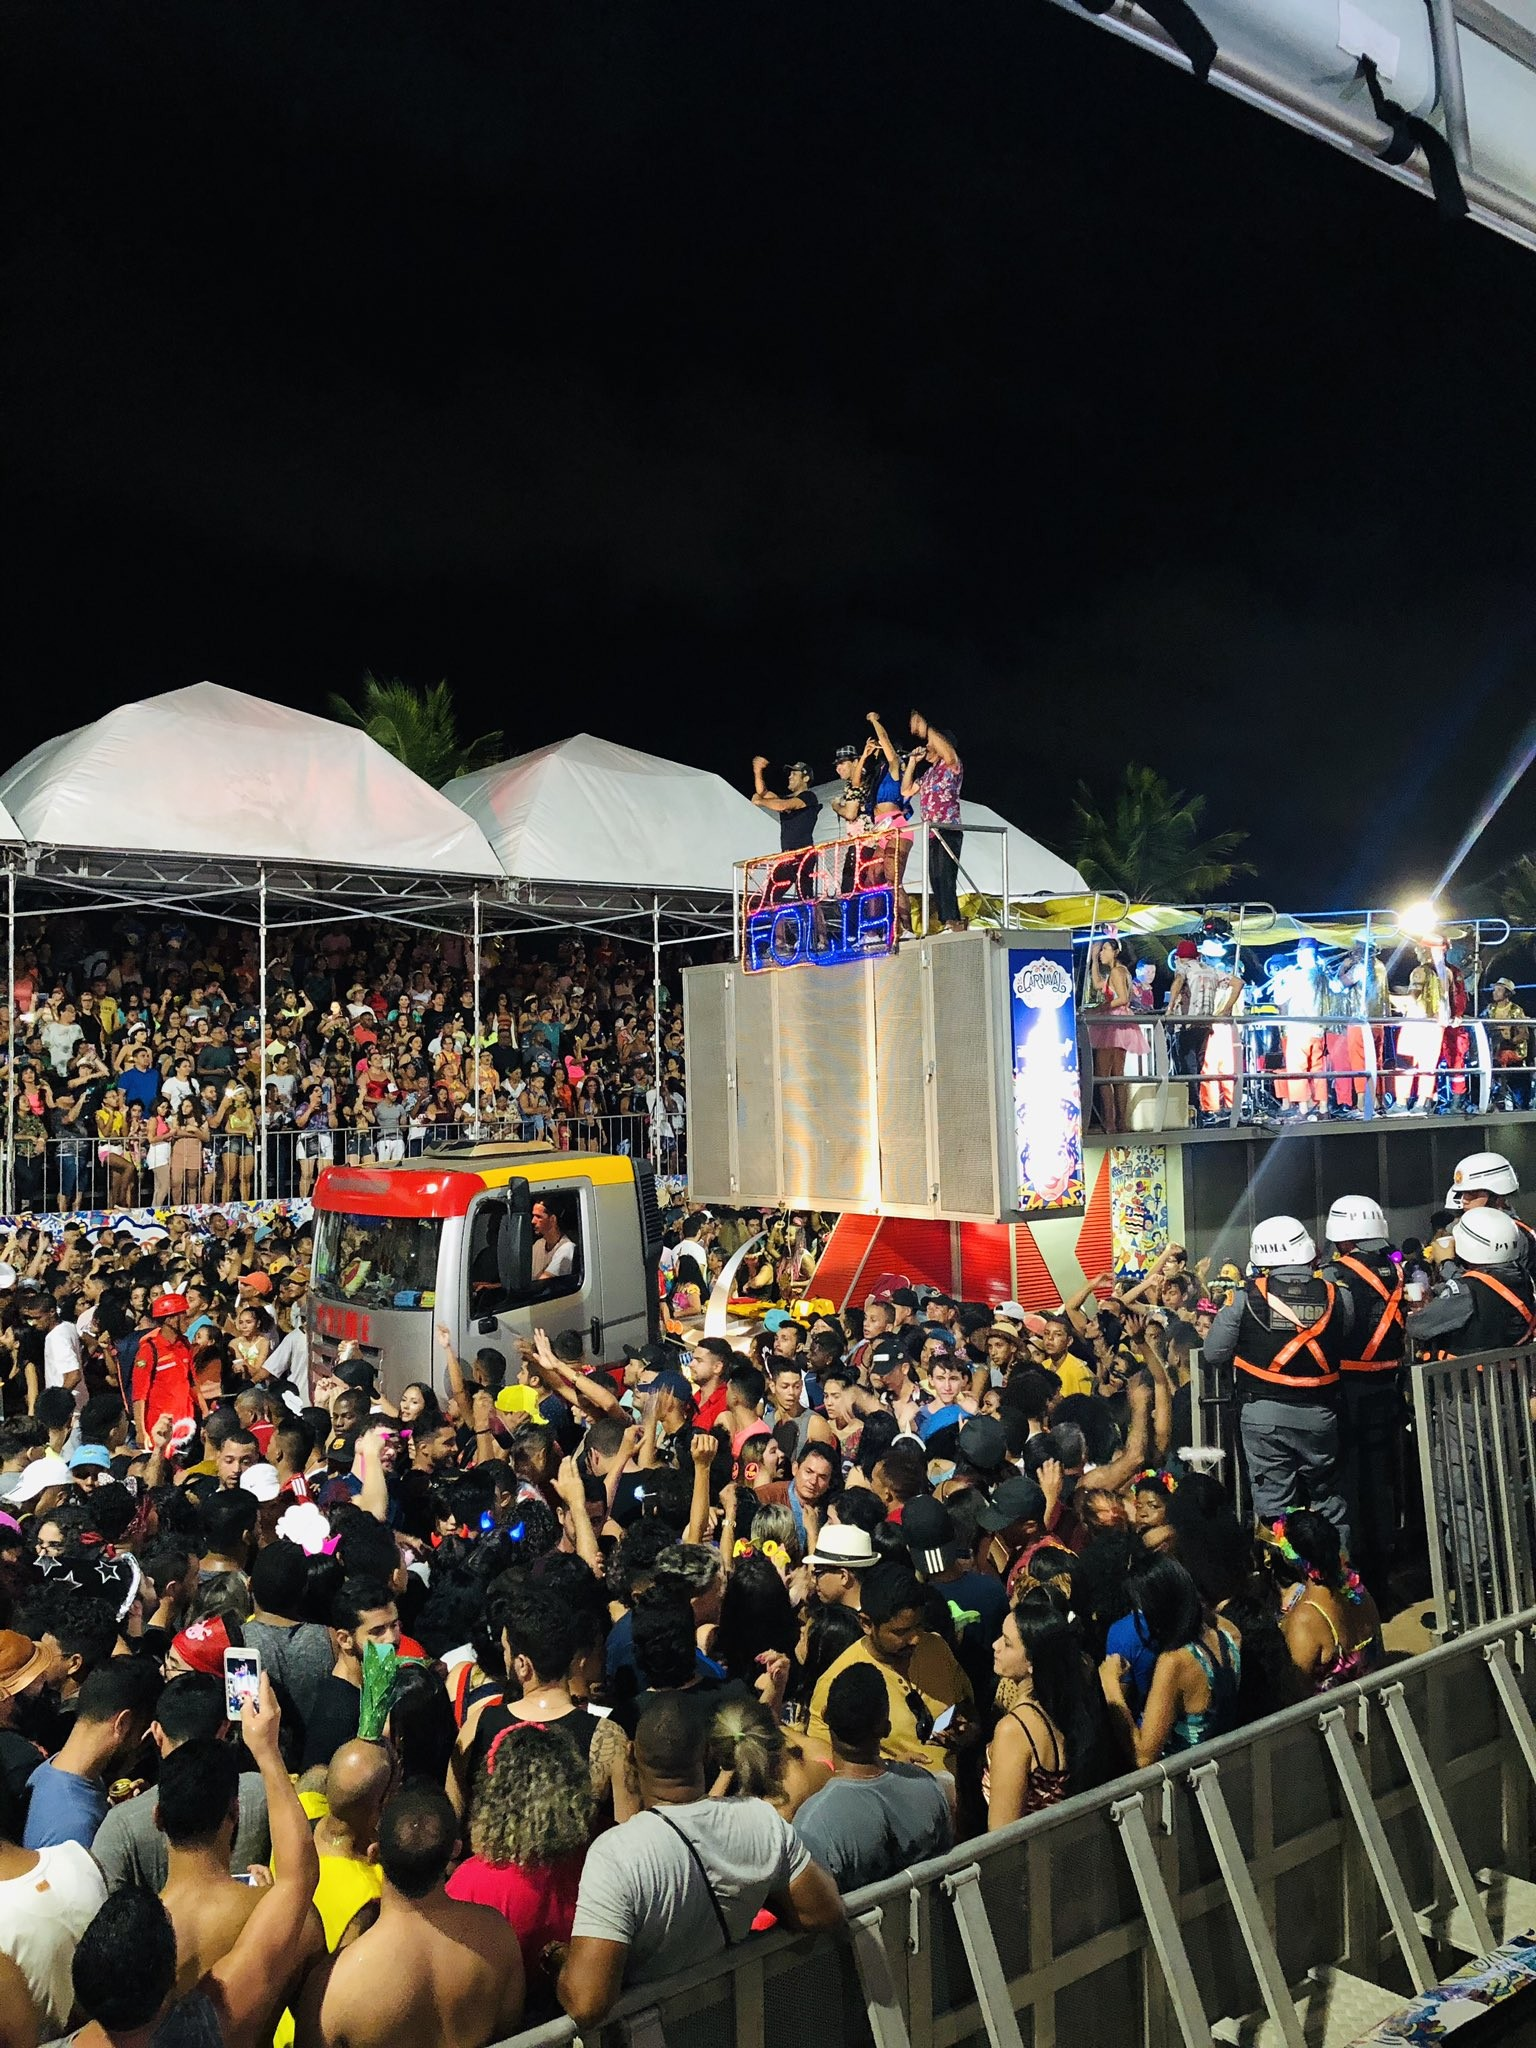 SIGA: Trios elétricos e shows agitam o Circuito Beira-Mar, em São Luís